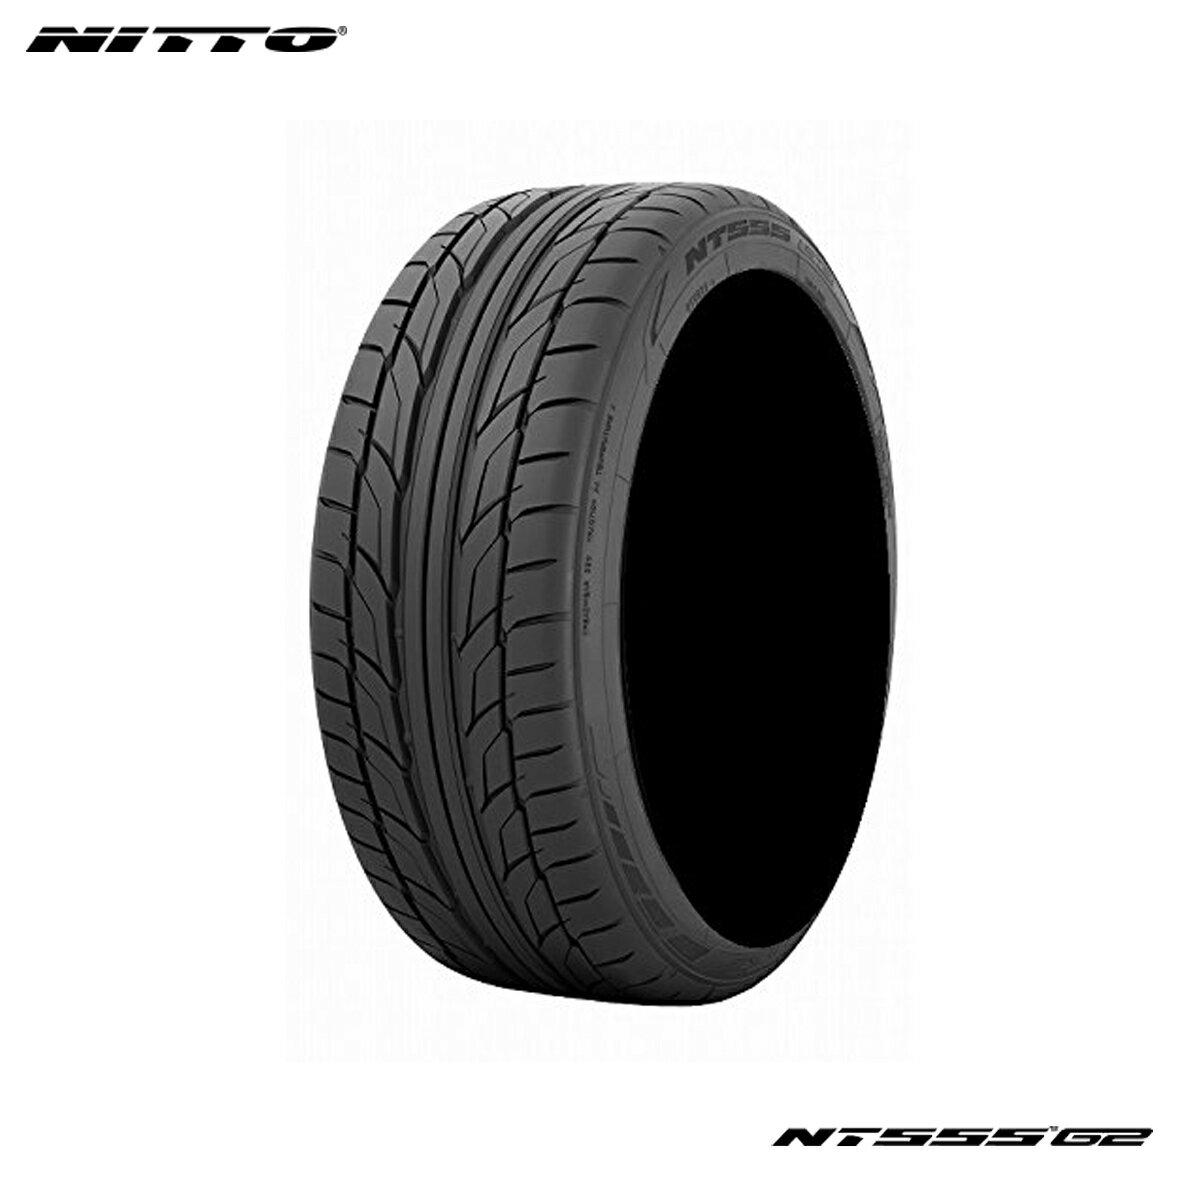 NITTO ニットー 国内メーカー サマータイヤ 1本 20インチ 225/35R20 NT555 G2